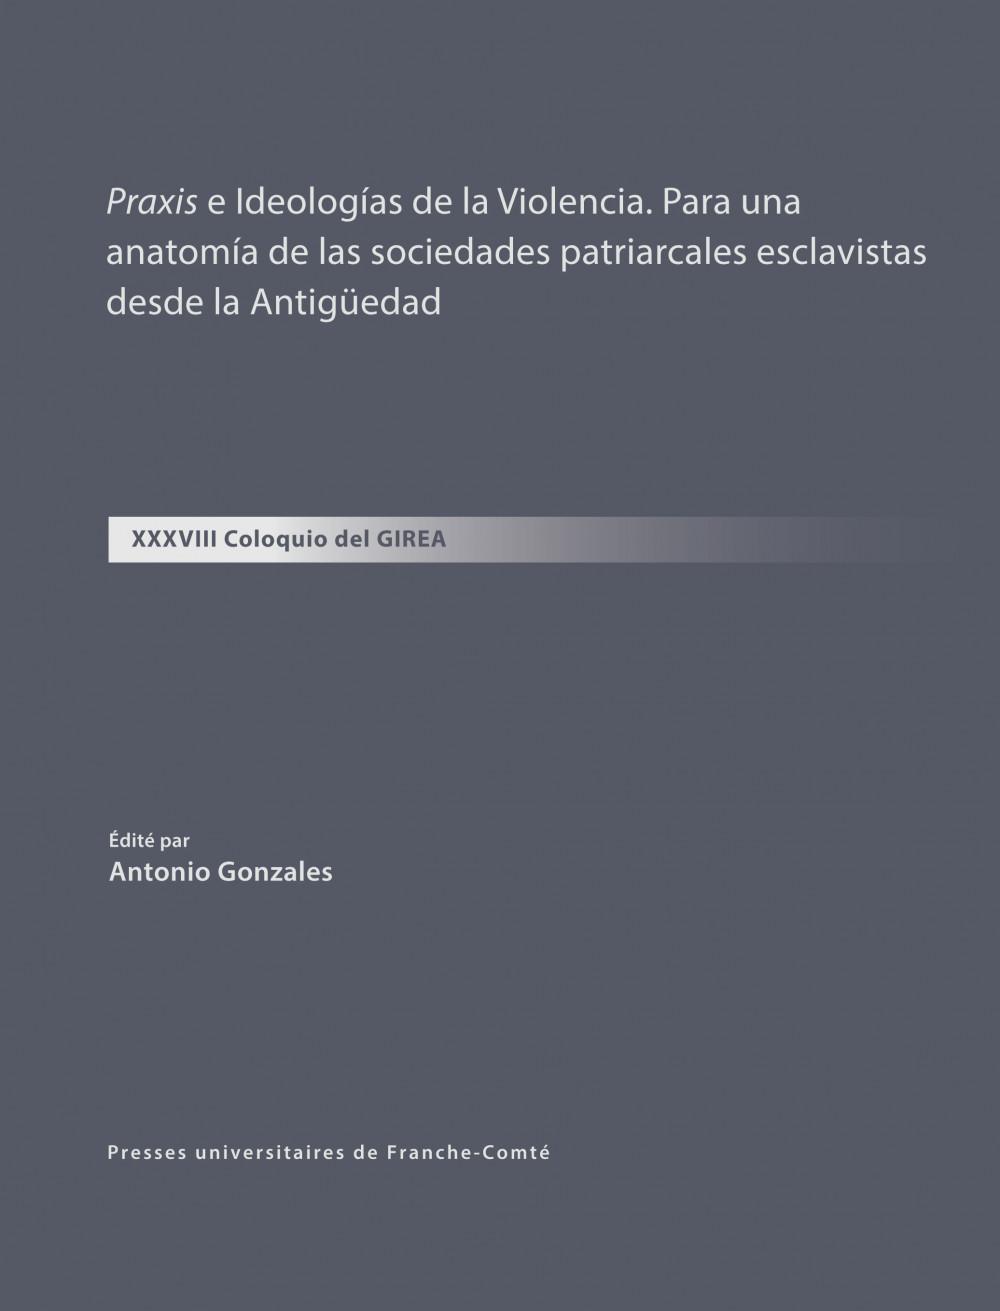 <i>Praxis</i> e Ideologías de la Violencia. Para una anatomía de las sociedades patriarcales esclavistas desde la Antigüedad